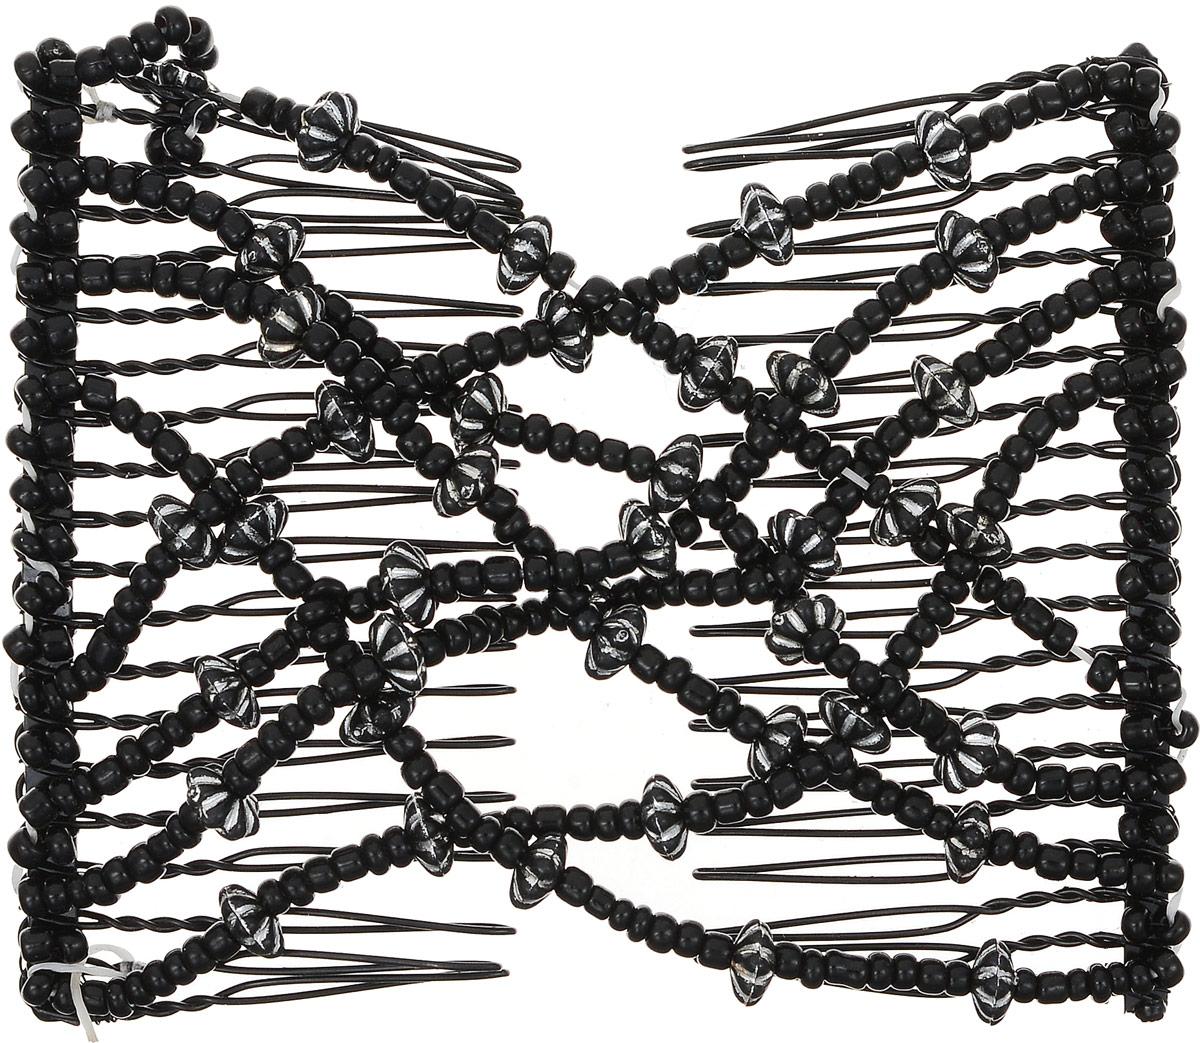 EZ-Combs Заколка Изи-Комбс, одинарная, цвет: черный. ЗИО_цветочки 2859059Удобная и практичная заколка EZ-Combs подходит для любого типа волос: тонких, жестких, вьющихся или прямых, и не наносит им никакого вреда. Заколка не мешает движениям головы и не создает дискомфорта, когда вы отдыхаете или управляете автомобилем. Каждый гребень имеет по 20 зубьев для надежной фиксации заколки на волосах. И даже во время бега и интенсивных тренировок в спортзале EZ-Combs не падает; она прочно фиксирует прическу, сохраняя укладку в первозданном виде.Небольшая и легкая заколка для волос EZ-Combs поместится в любой дамской сумочке, позволяя быстро и без особых усилий создавать неповторимые прически там, где вам это удобно. Гребень прекрасно сочетается с любой одеждой: будь это классический или спортивный стиль, завершая гармоничный облик современной леди. И неважно, какой образ жизни вы ведете, если у вас есть EZ-Combs, вы всегда будете выглядеть потрясающе.